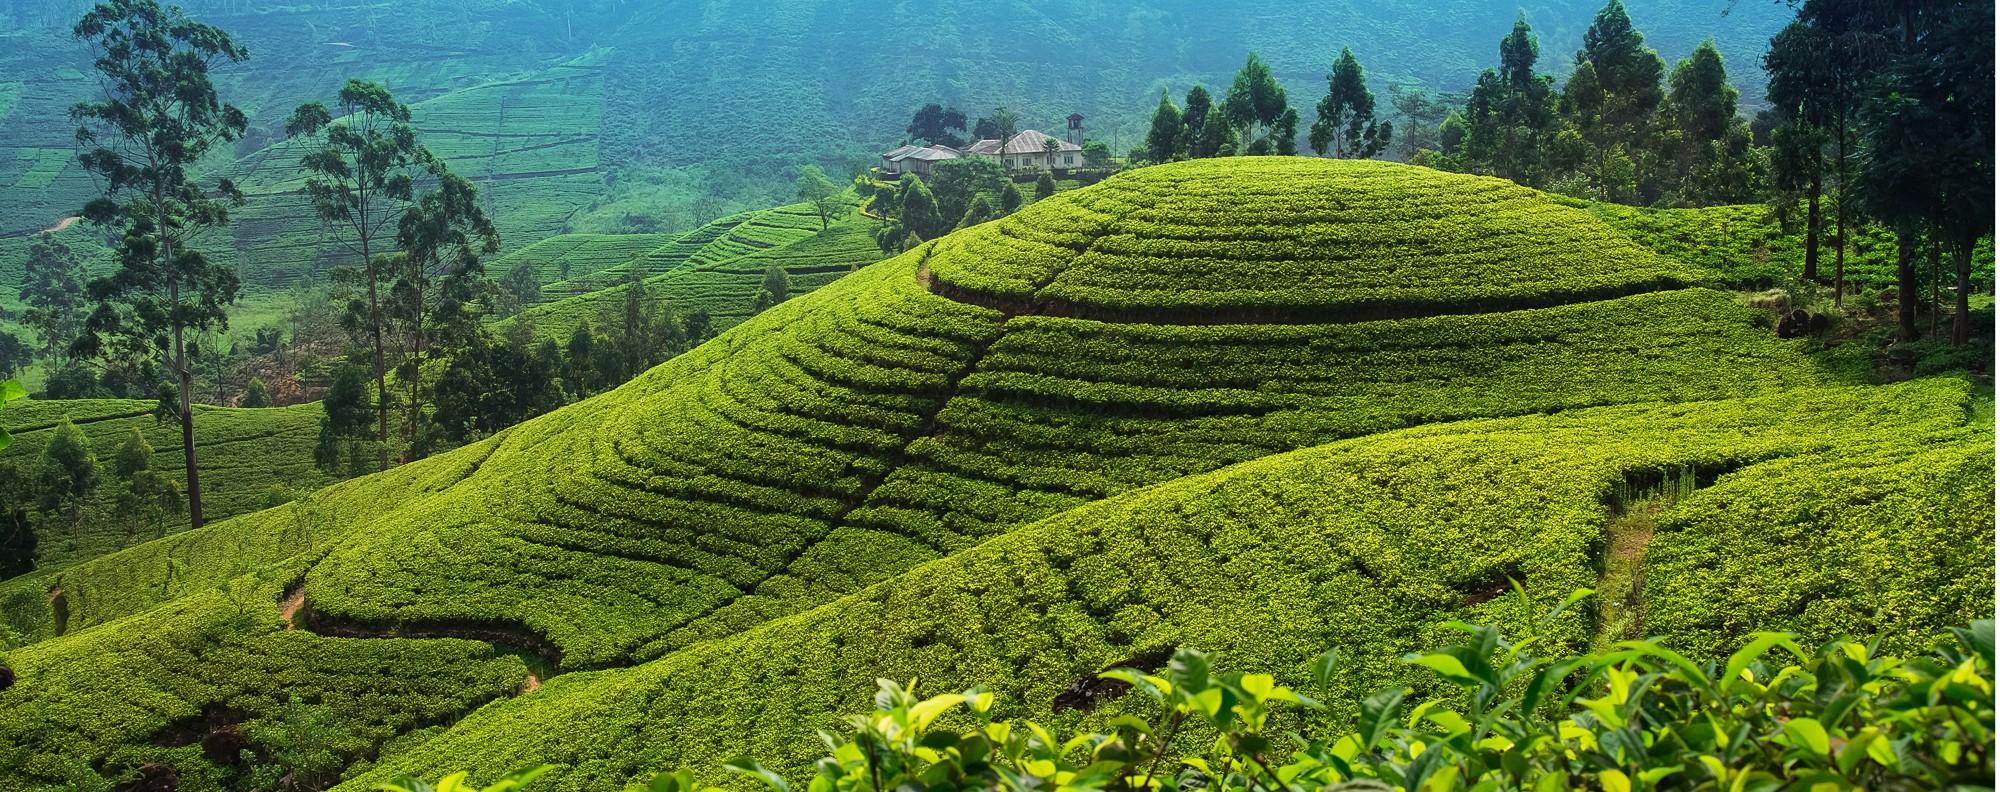 A tea plantation near Nuwara Eliya, in Sri Lanka.